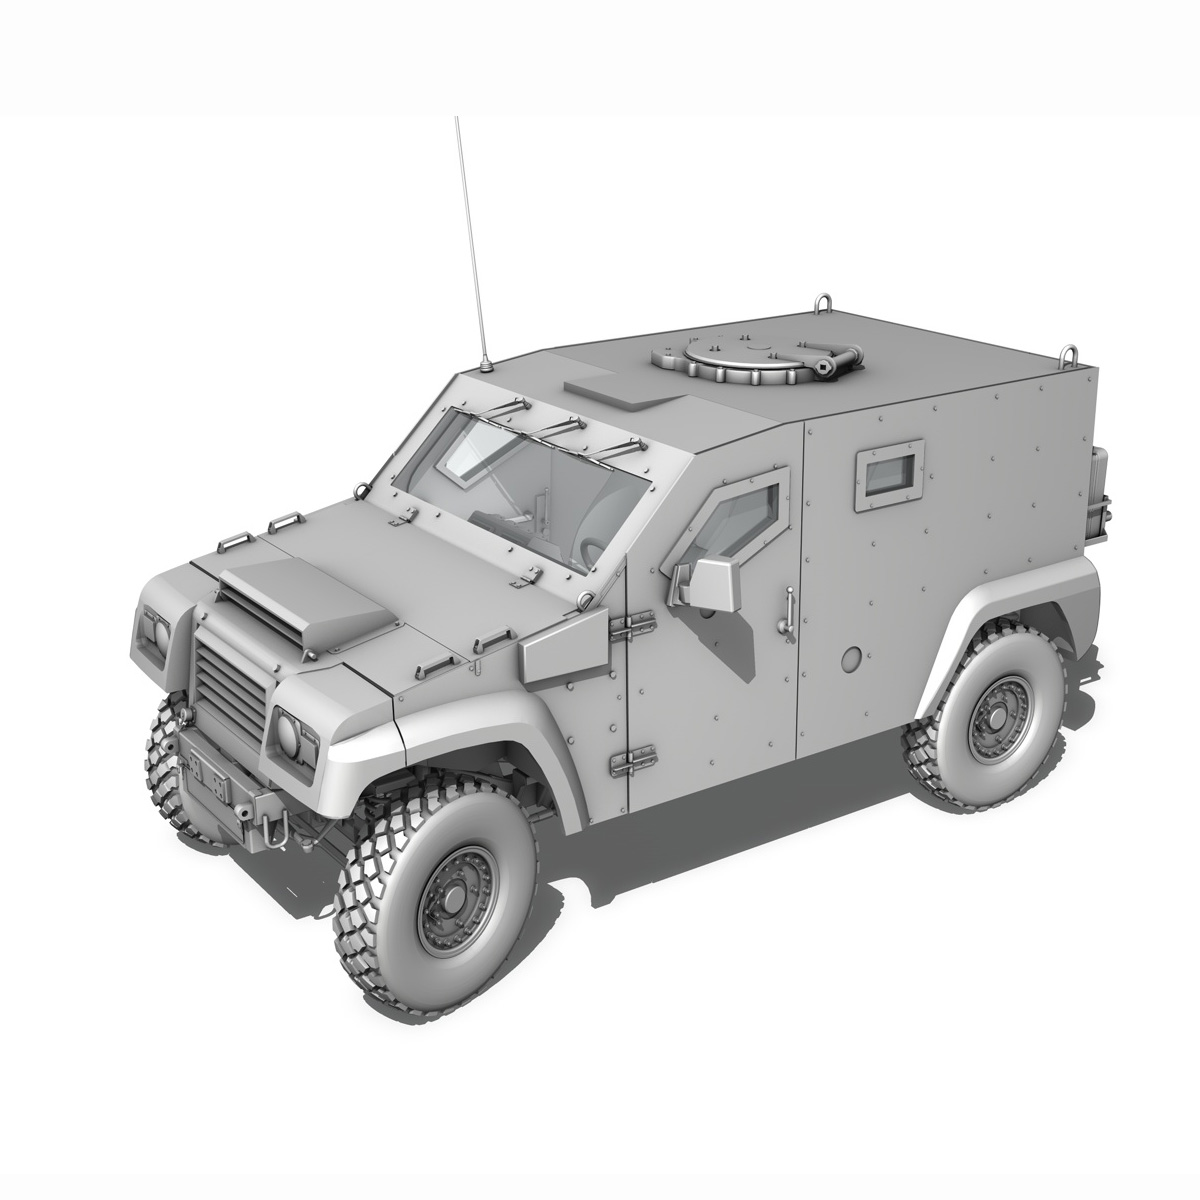 auverland panhard pvp – petit vehicule protege 3d model 3ds fbx c4d lwo obj 190126